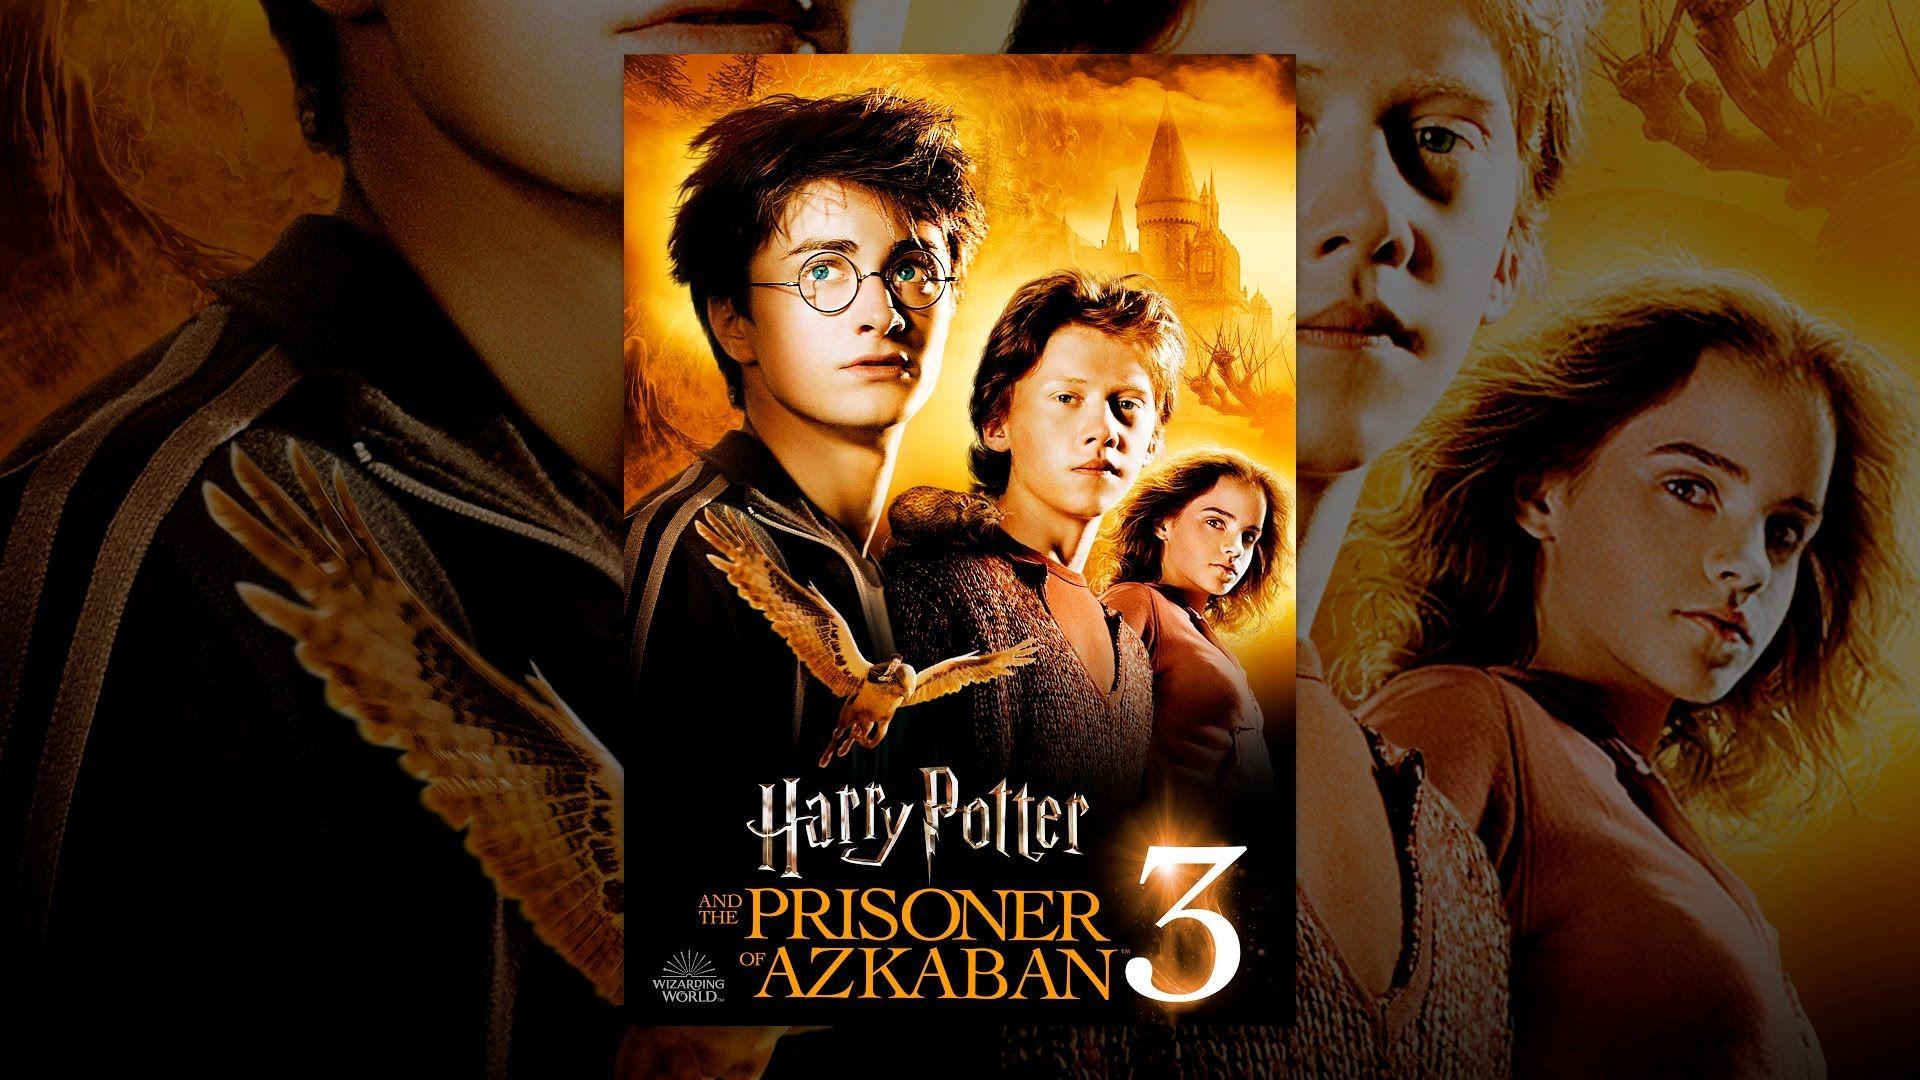 Harry Potter And The Prisoner Of Azkaban Youtube Prisoner Of Azkaban The Prisoner Of Azkaban Azkaban